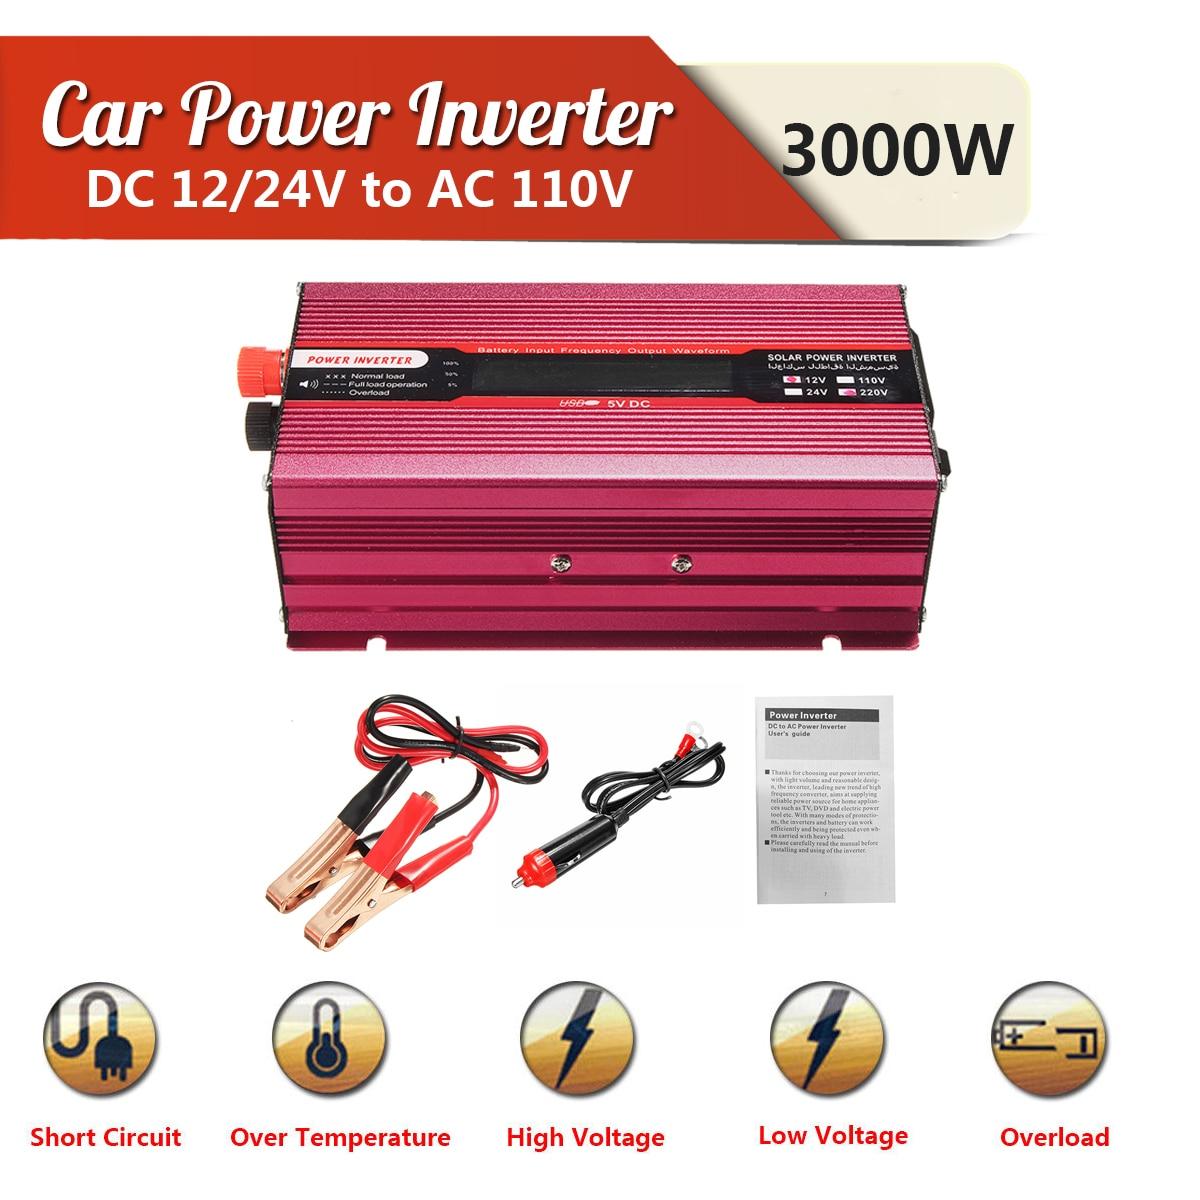 Sine Wave Converter Car Power Inverter Voltage Transformer PEAK 3000W 12/24V To AC 220/110V USB Modified Low Noise Multiple